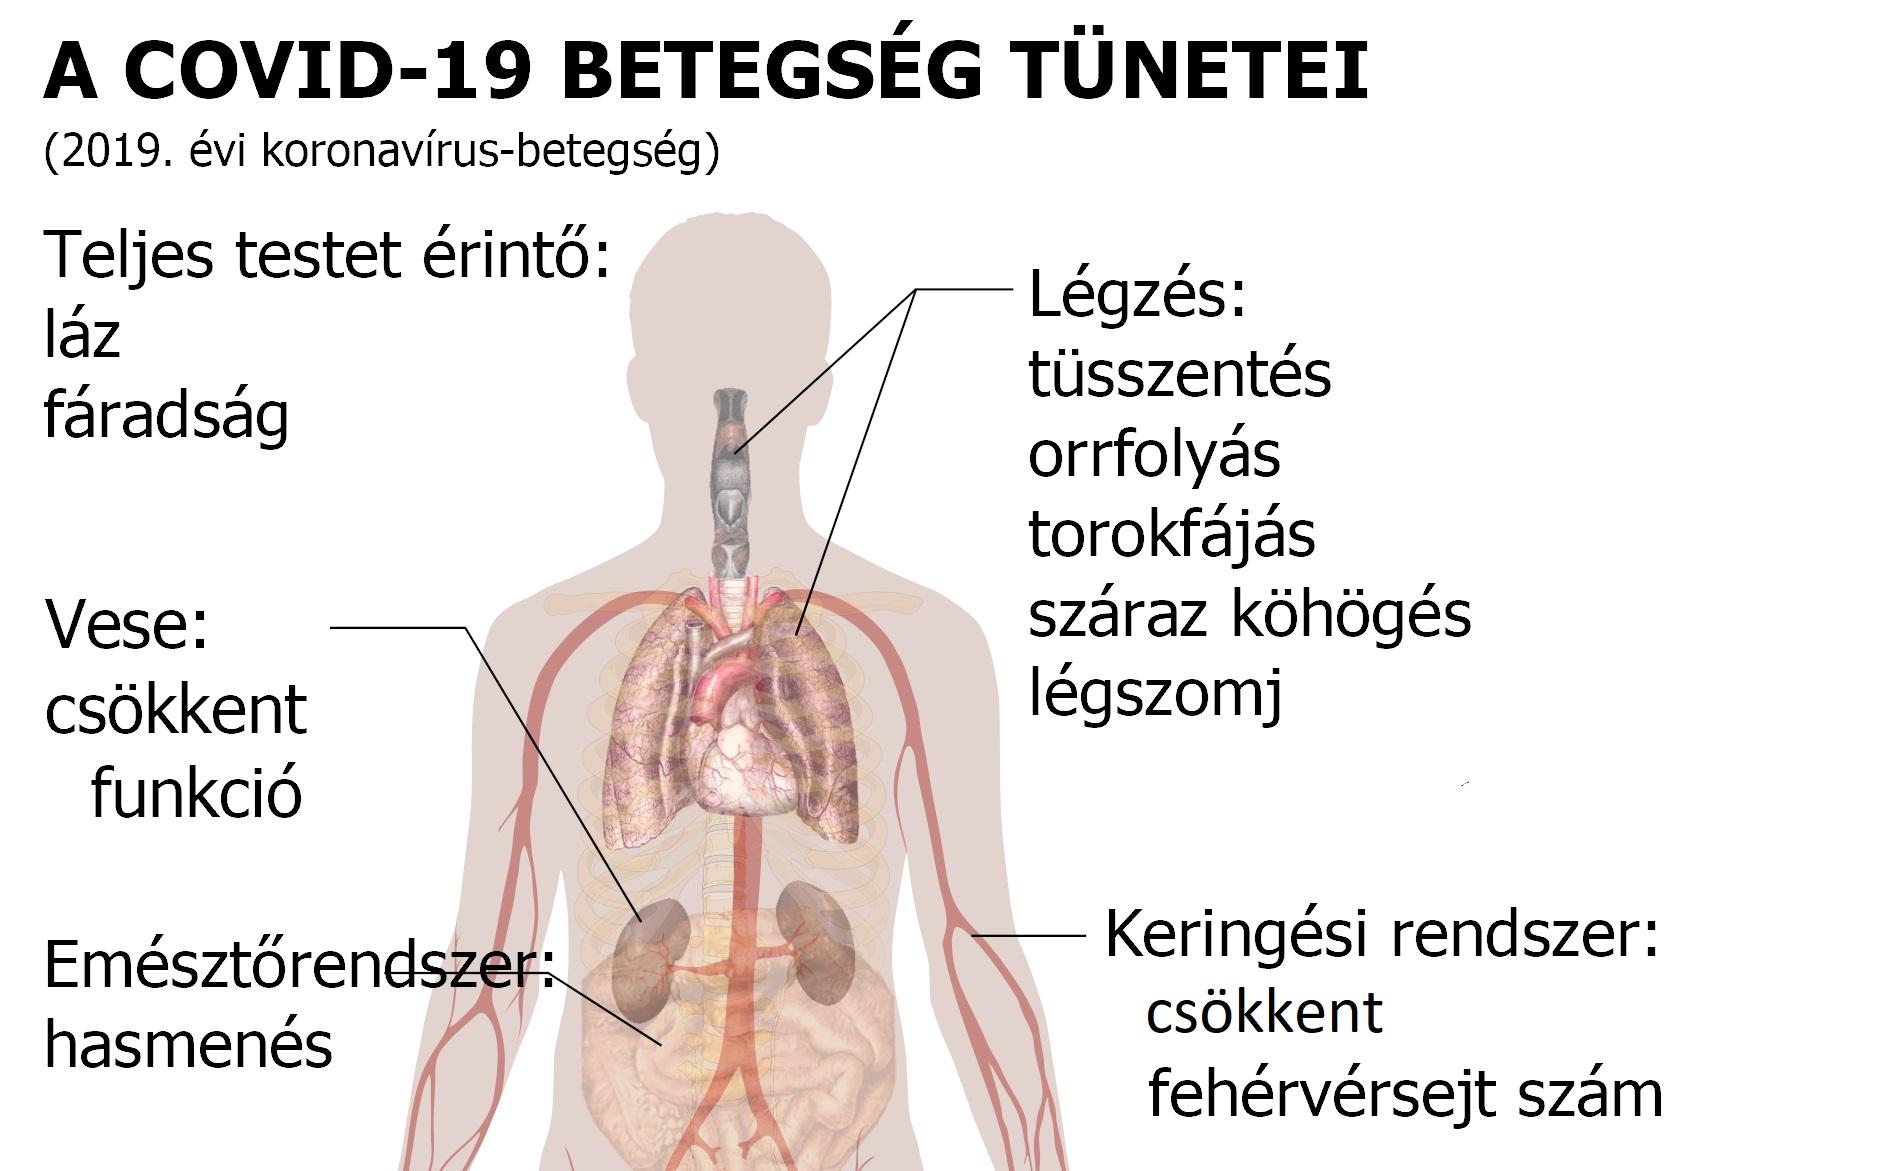 magas vérnyomás 3 fok a mikrobiológia szerint 10